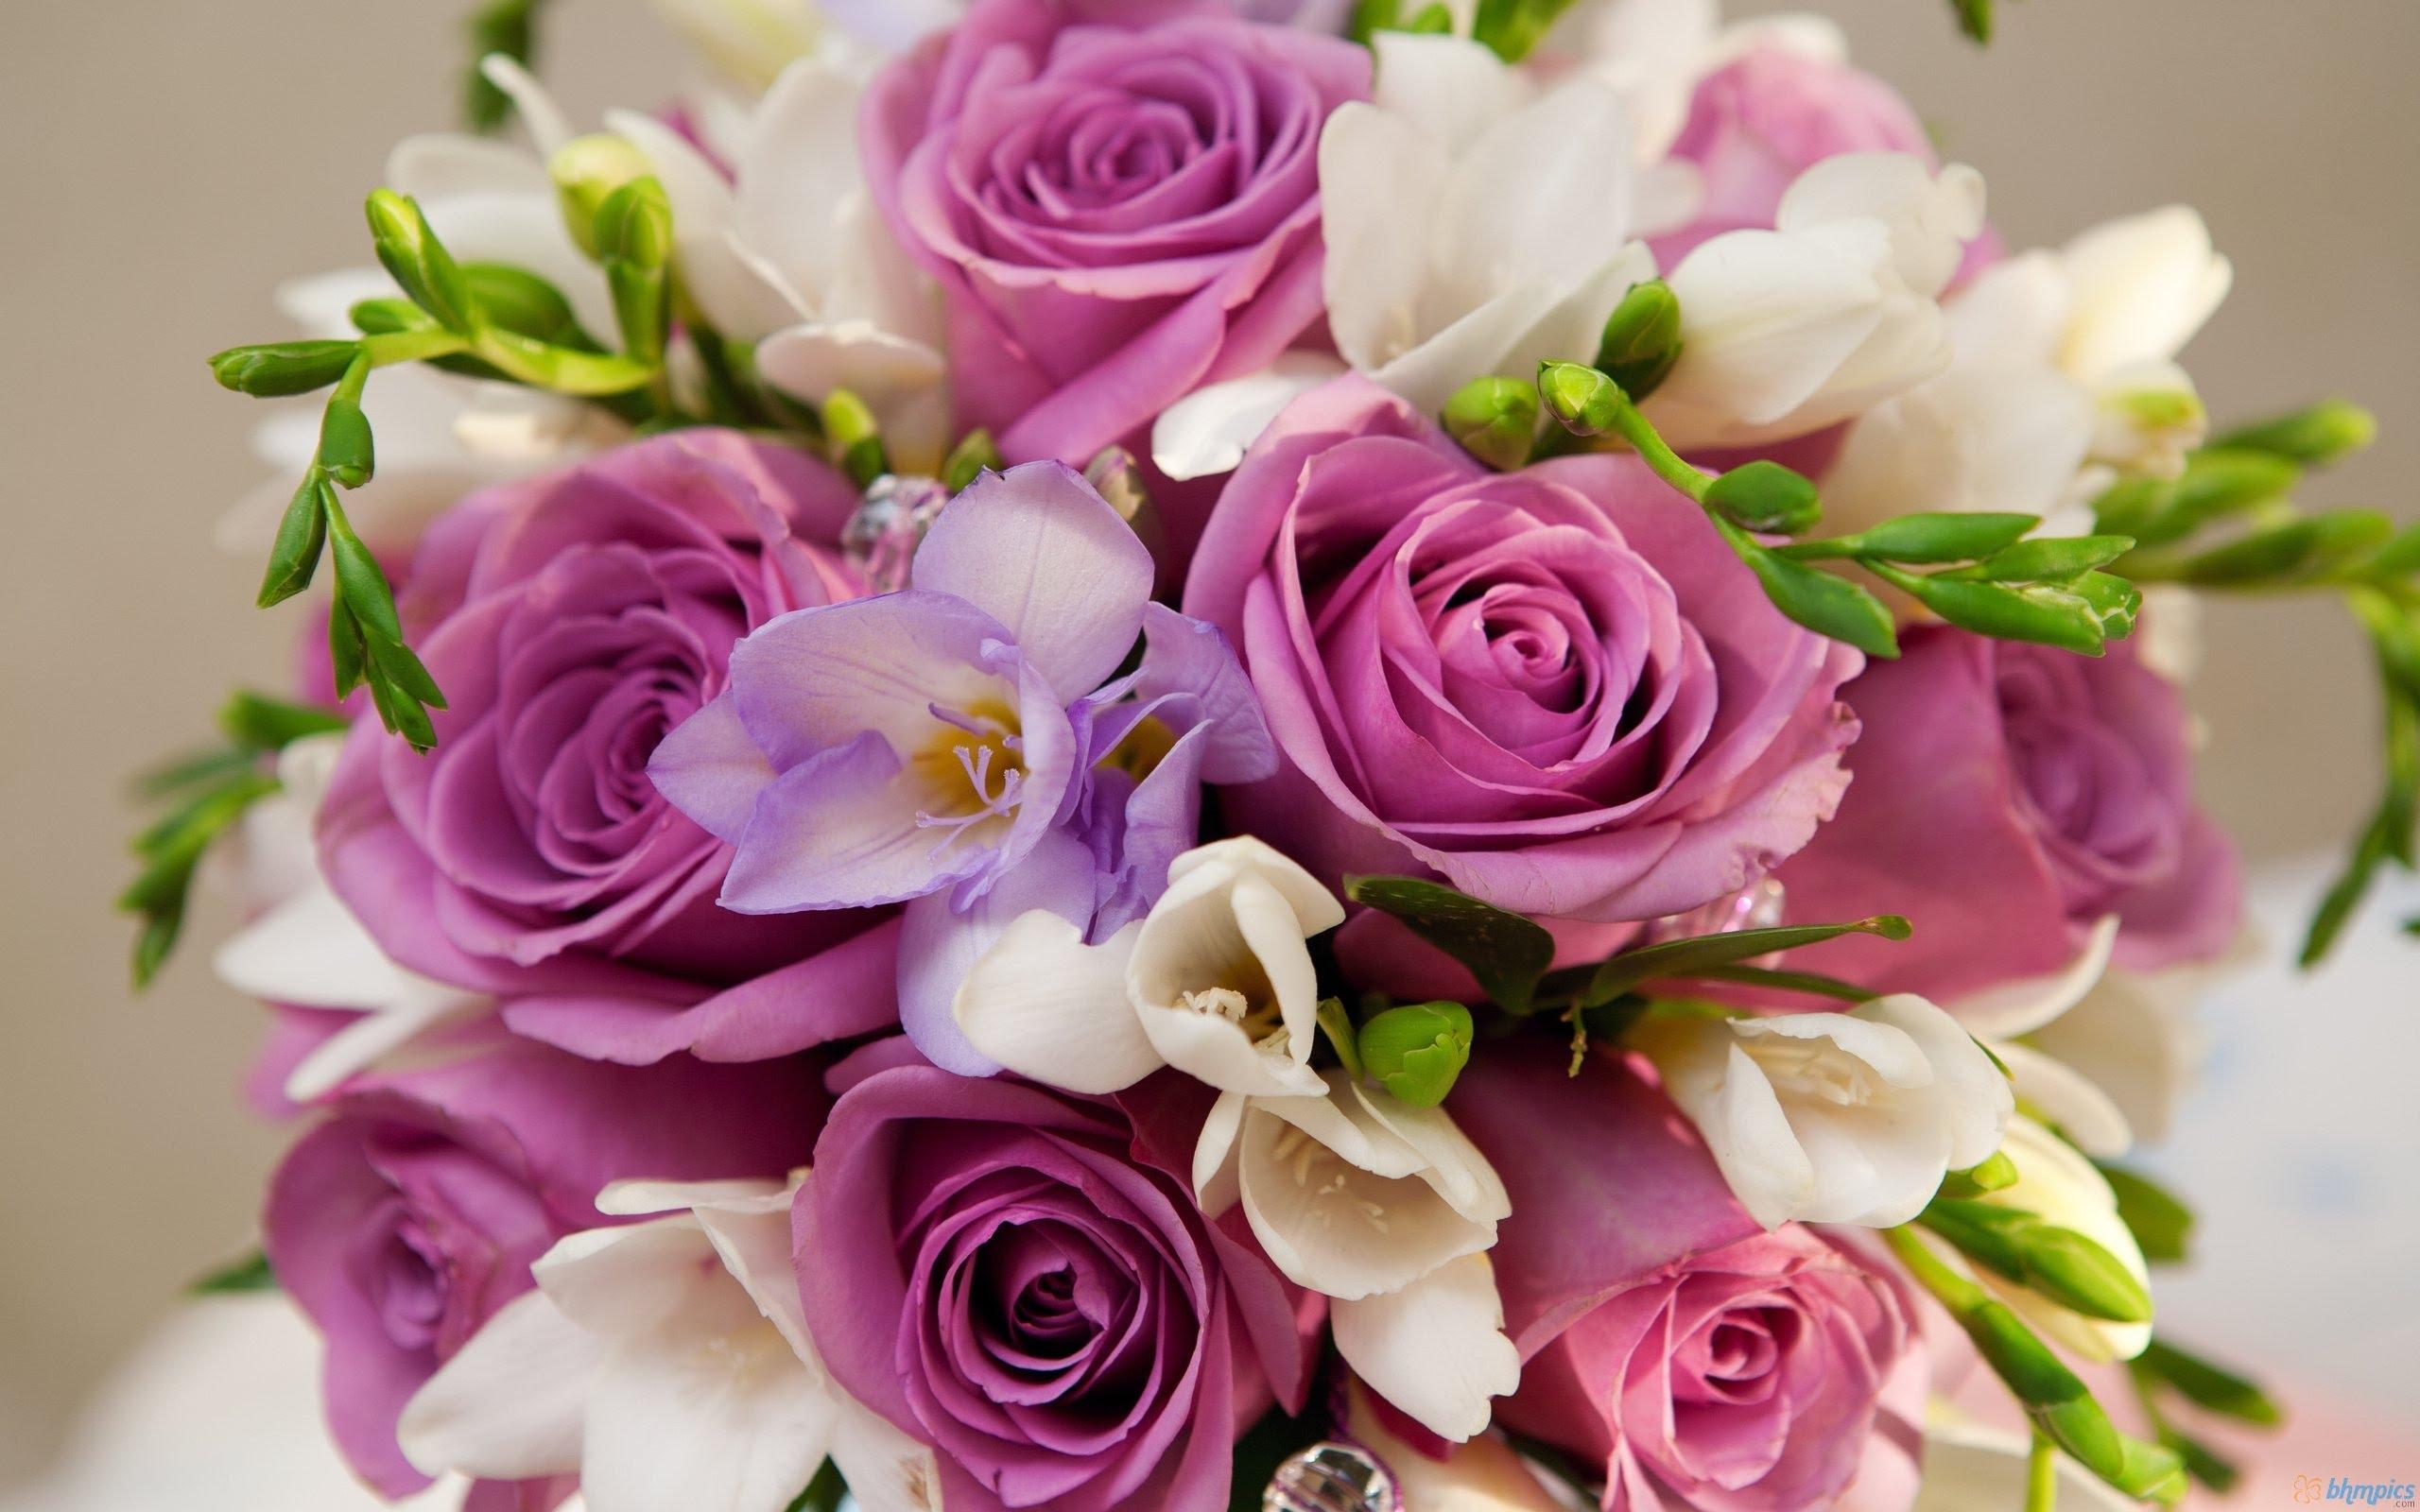 بالصور صور اجمل ورد , صور وقت تزهير الورد رائعة 3224 7